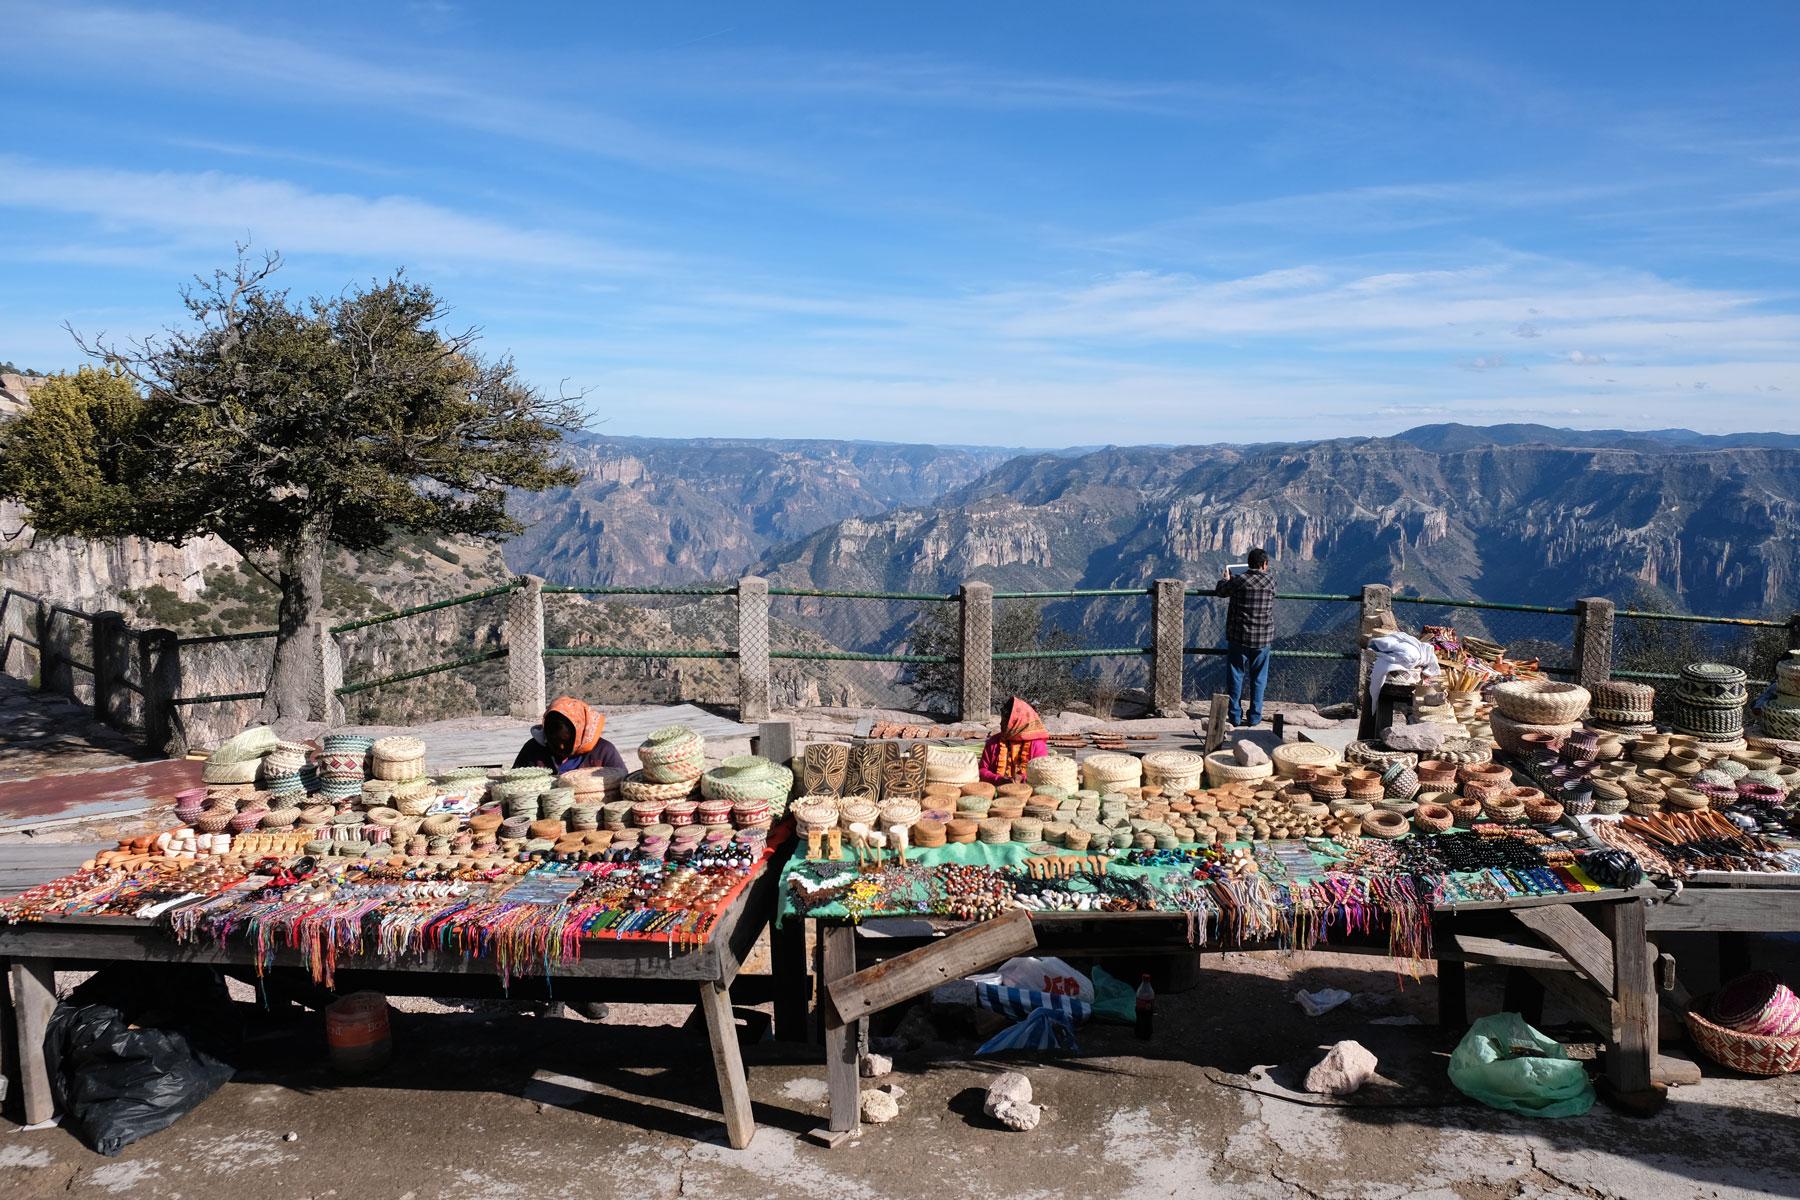 Souvenirstände entlang des Chepes in Nordmexiko.